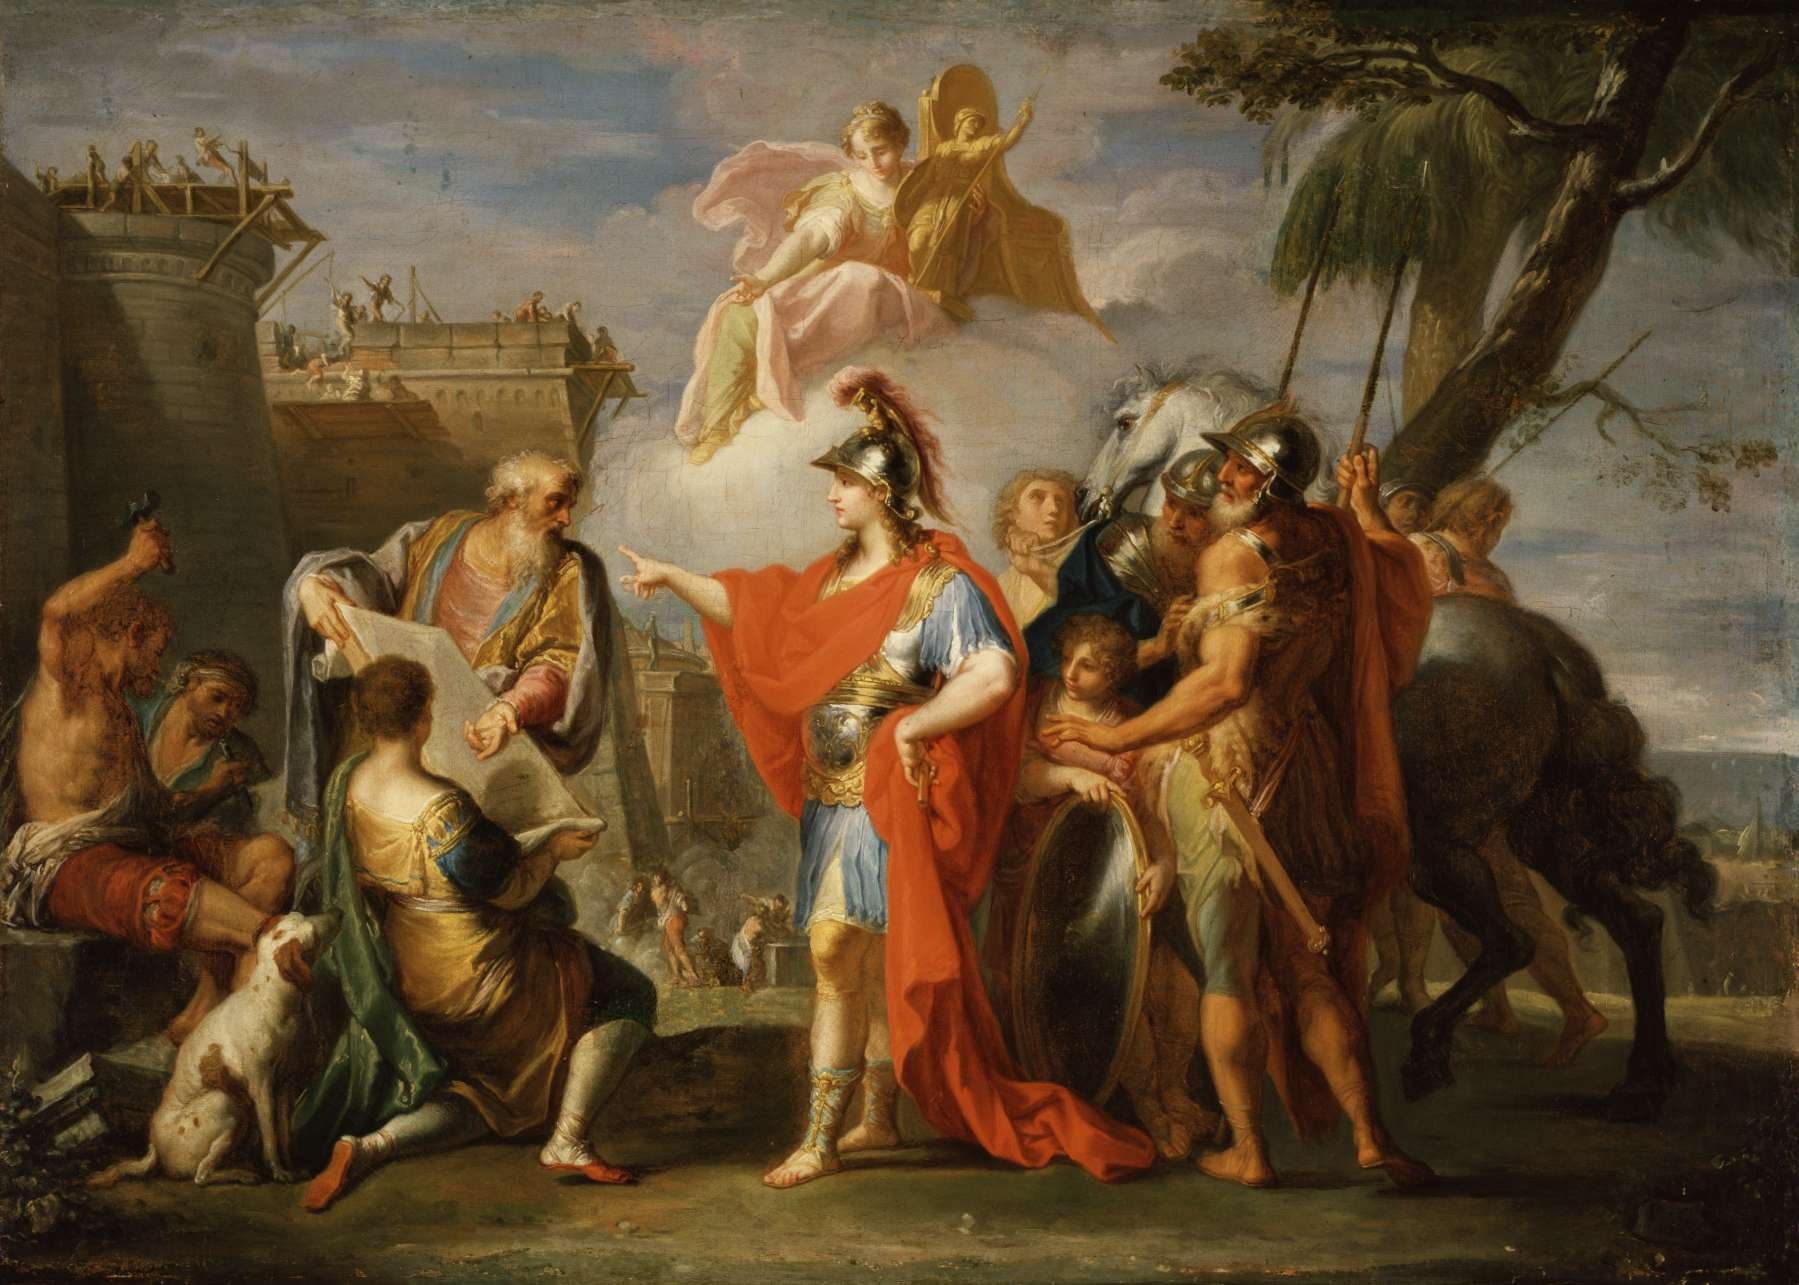 Ίδρυση της Αλεξάνδρειας την Αίγυπτο. Ο Μέγας Αλέξανδρος δίνει οδηγίες στον αρχιτέκτονα και πολεοδόµο Δεινοκράτη για τη ρυµοτοµία της πόλης. Έργο της εποχής του µπαρόκ. Placido Costanzi (1736-37).